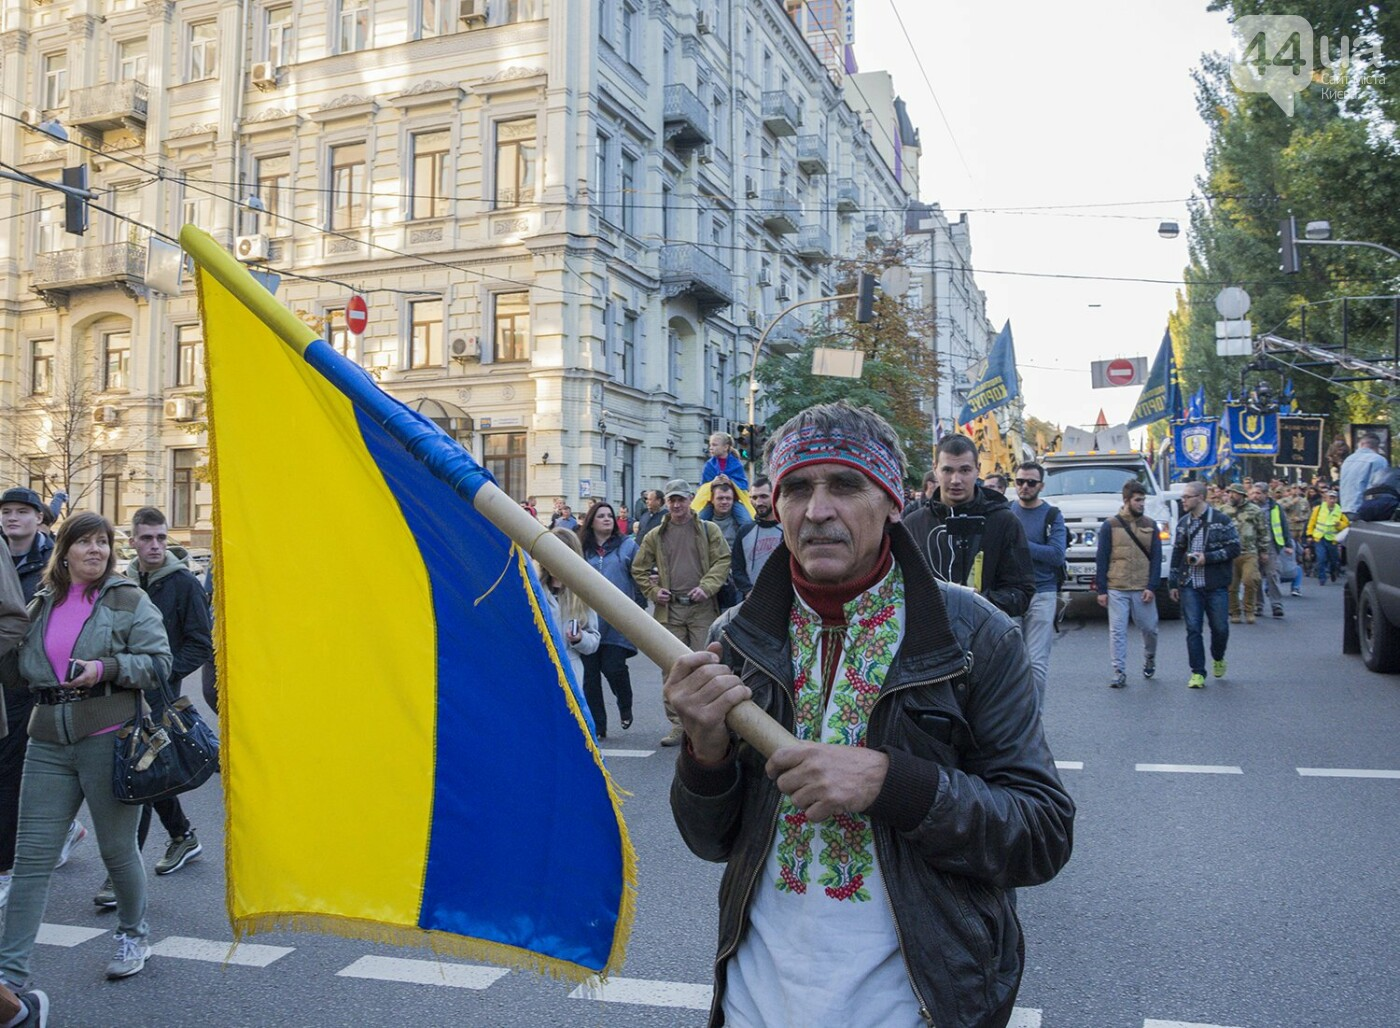 Файеры, Бандера и рекорды: в Киеве прошел традиционный марш УПА, - ФОТОРЕПОРТАЖ, фото-14